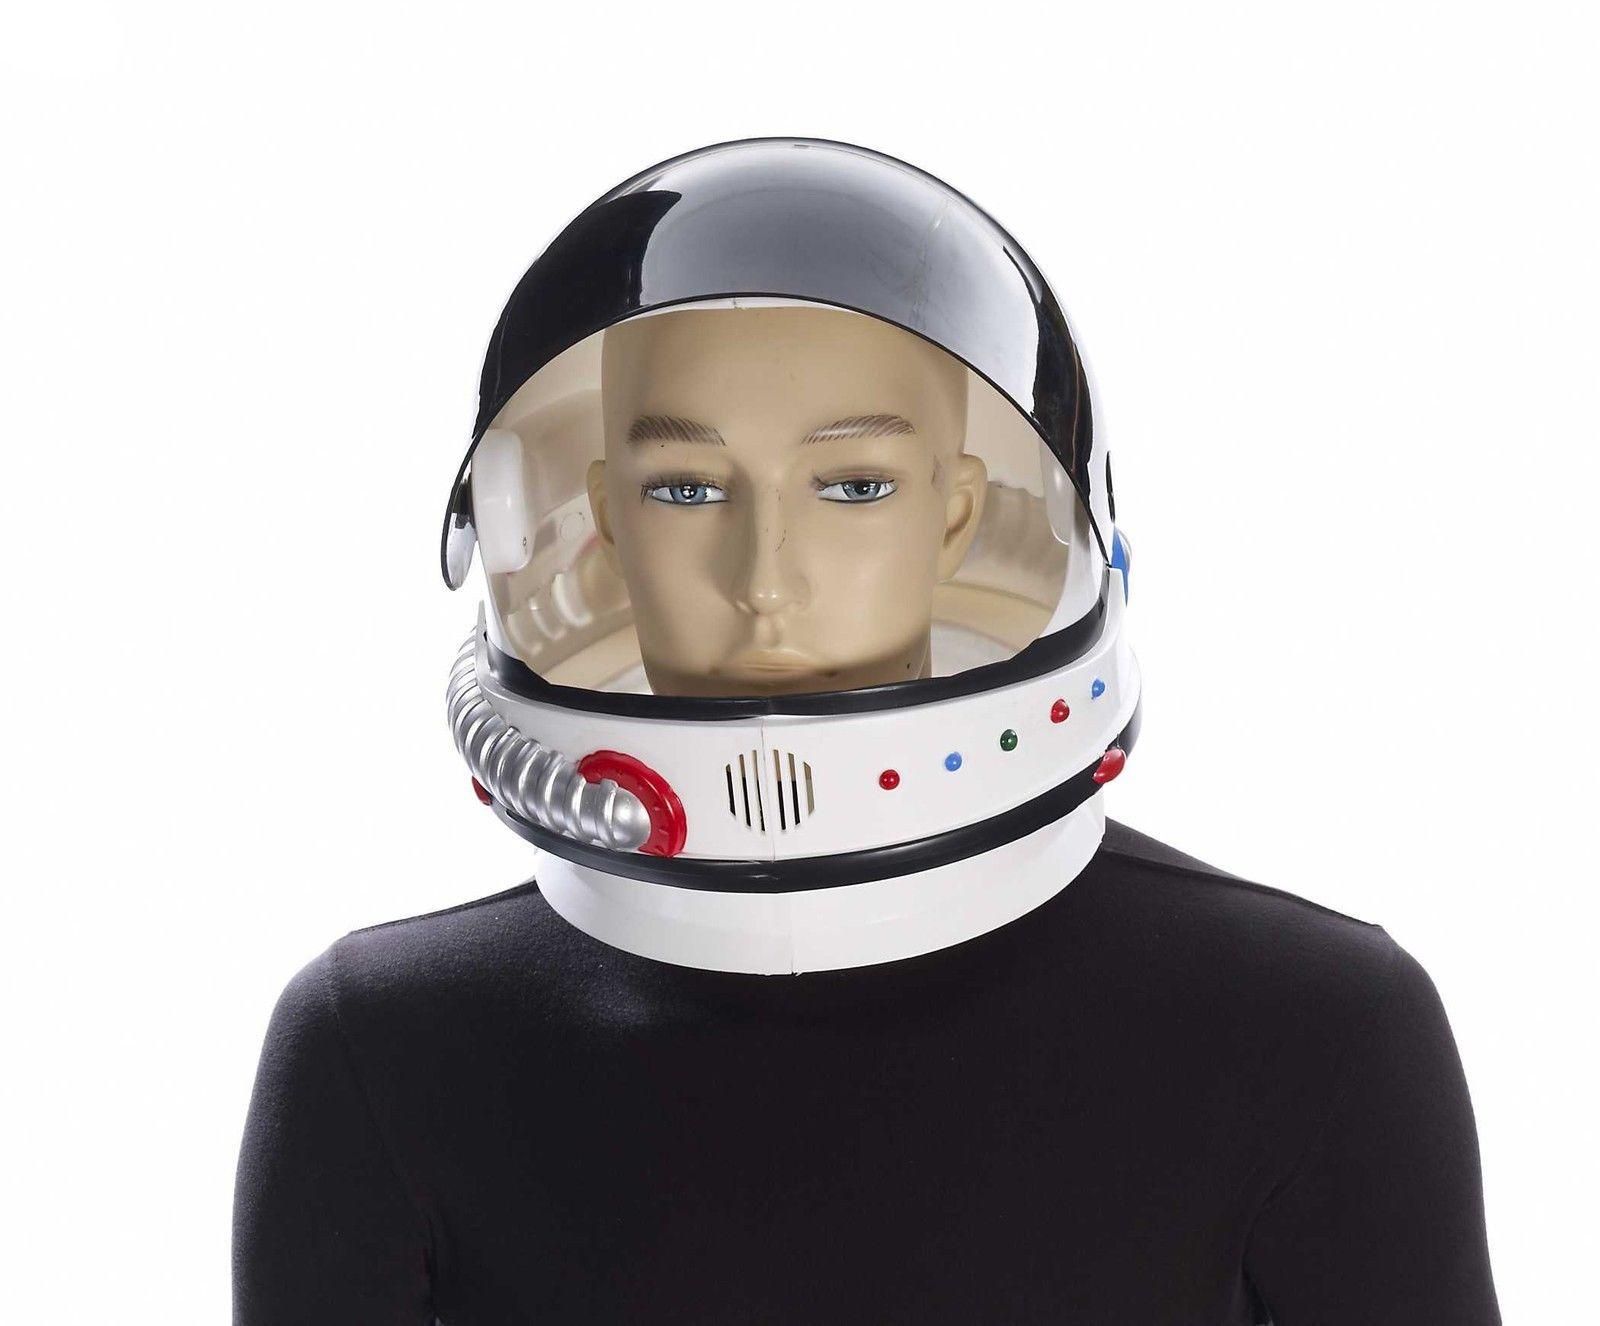 astronaut space helmet - photo #14